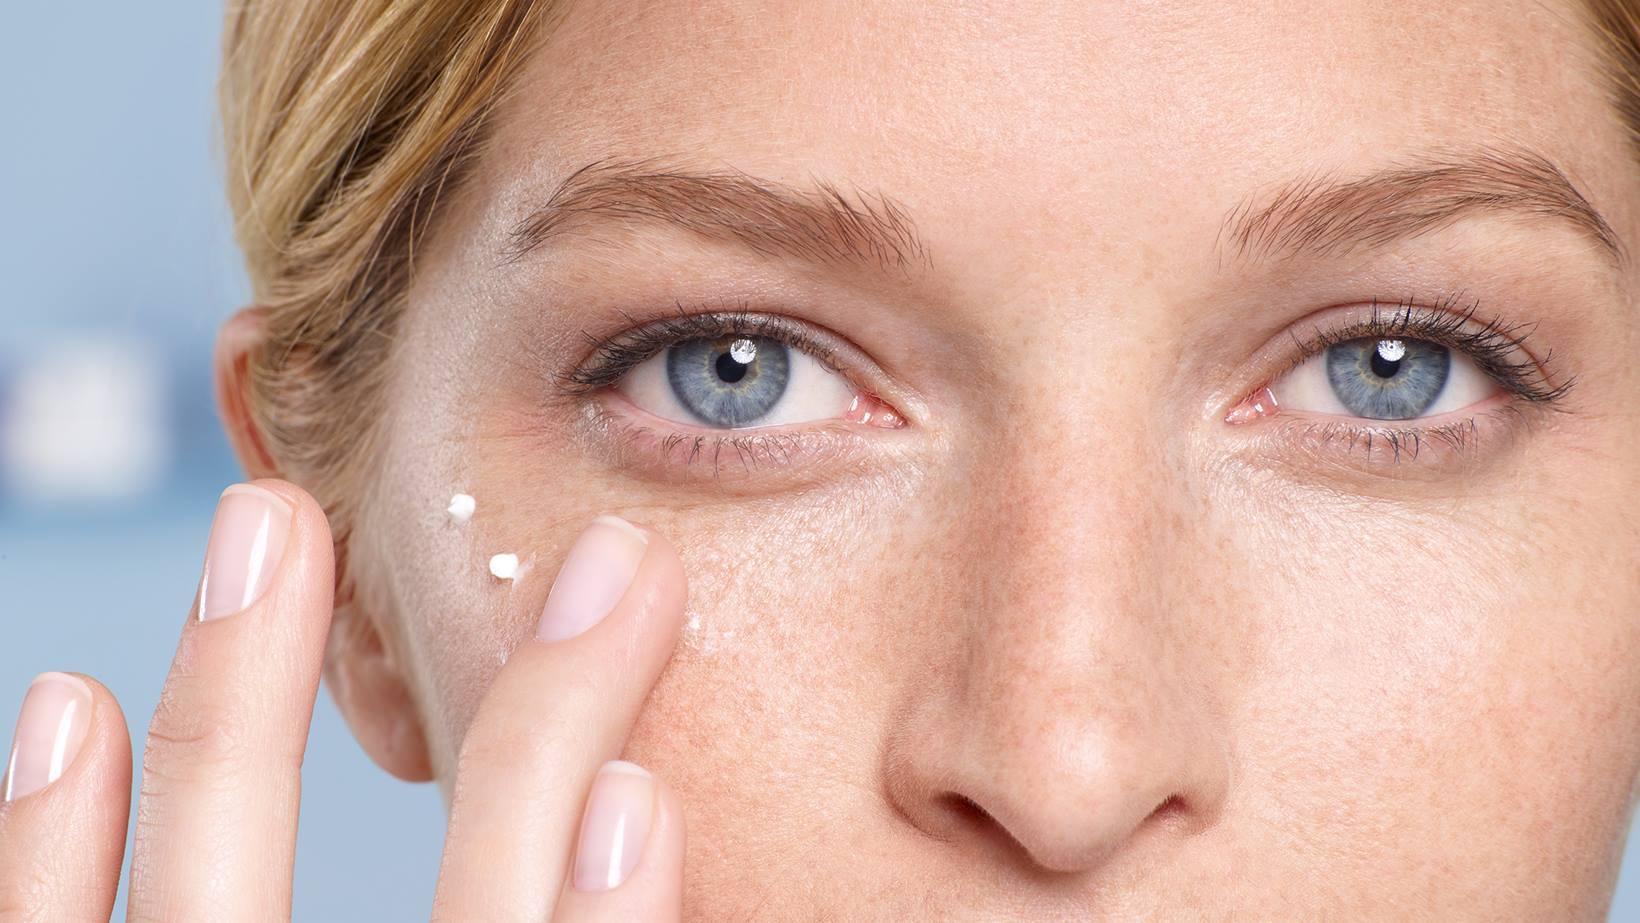 Kem Dưỡng Mắt Clinique All About Eyes Rich an toàn khi sử dụng cho da vùng mắt nhạy cảm